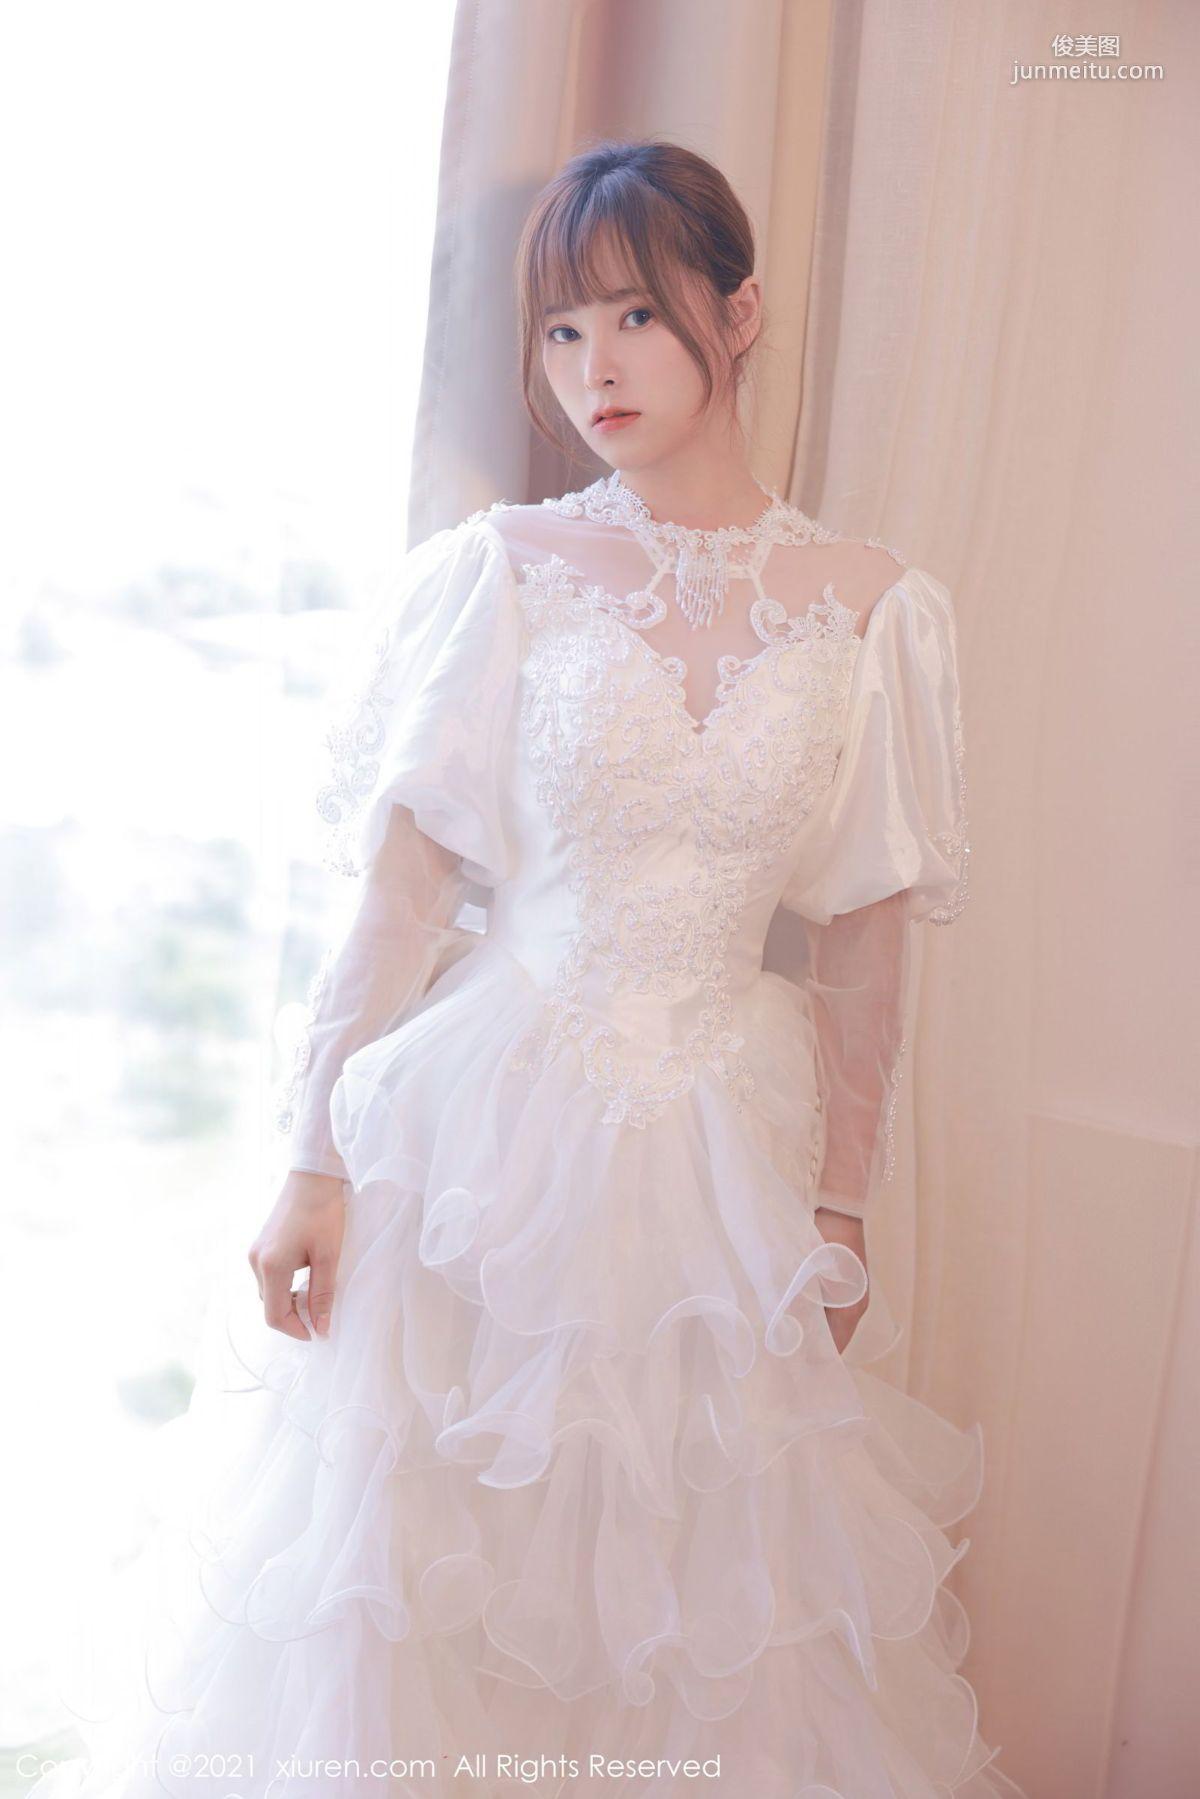 欧派模特奈沐子 唯美动人白色婚纱